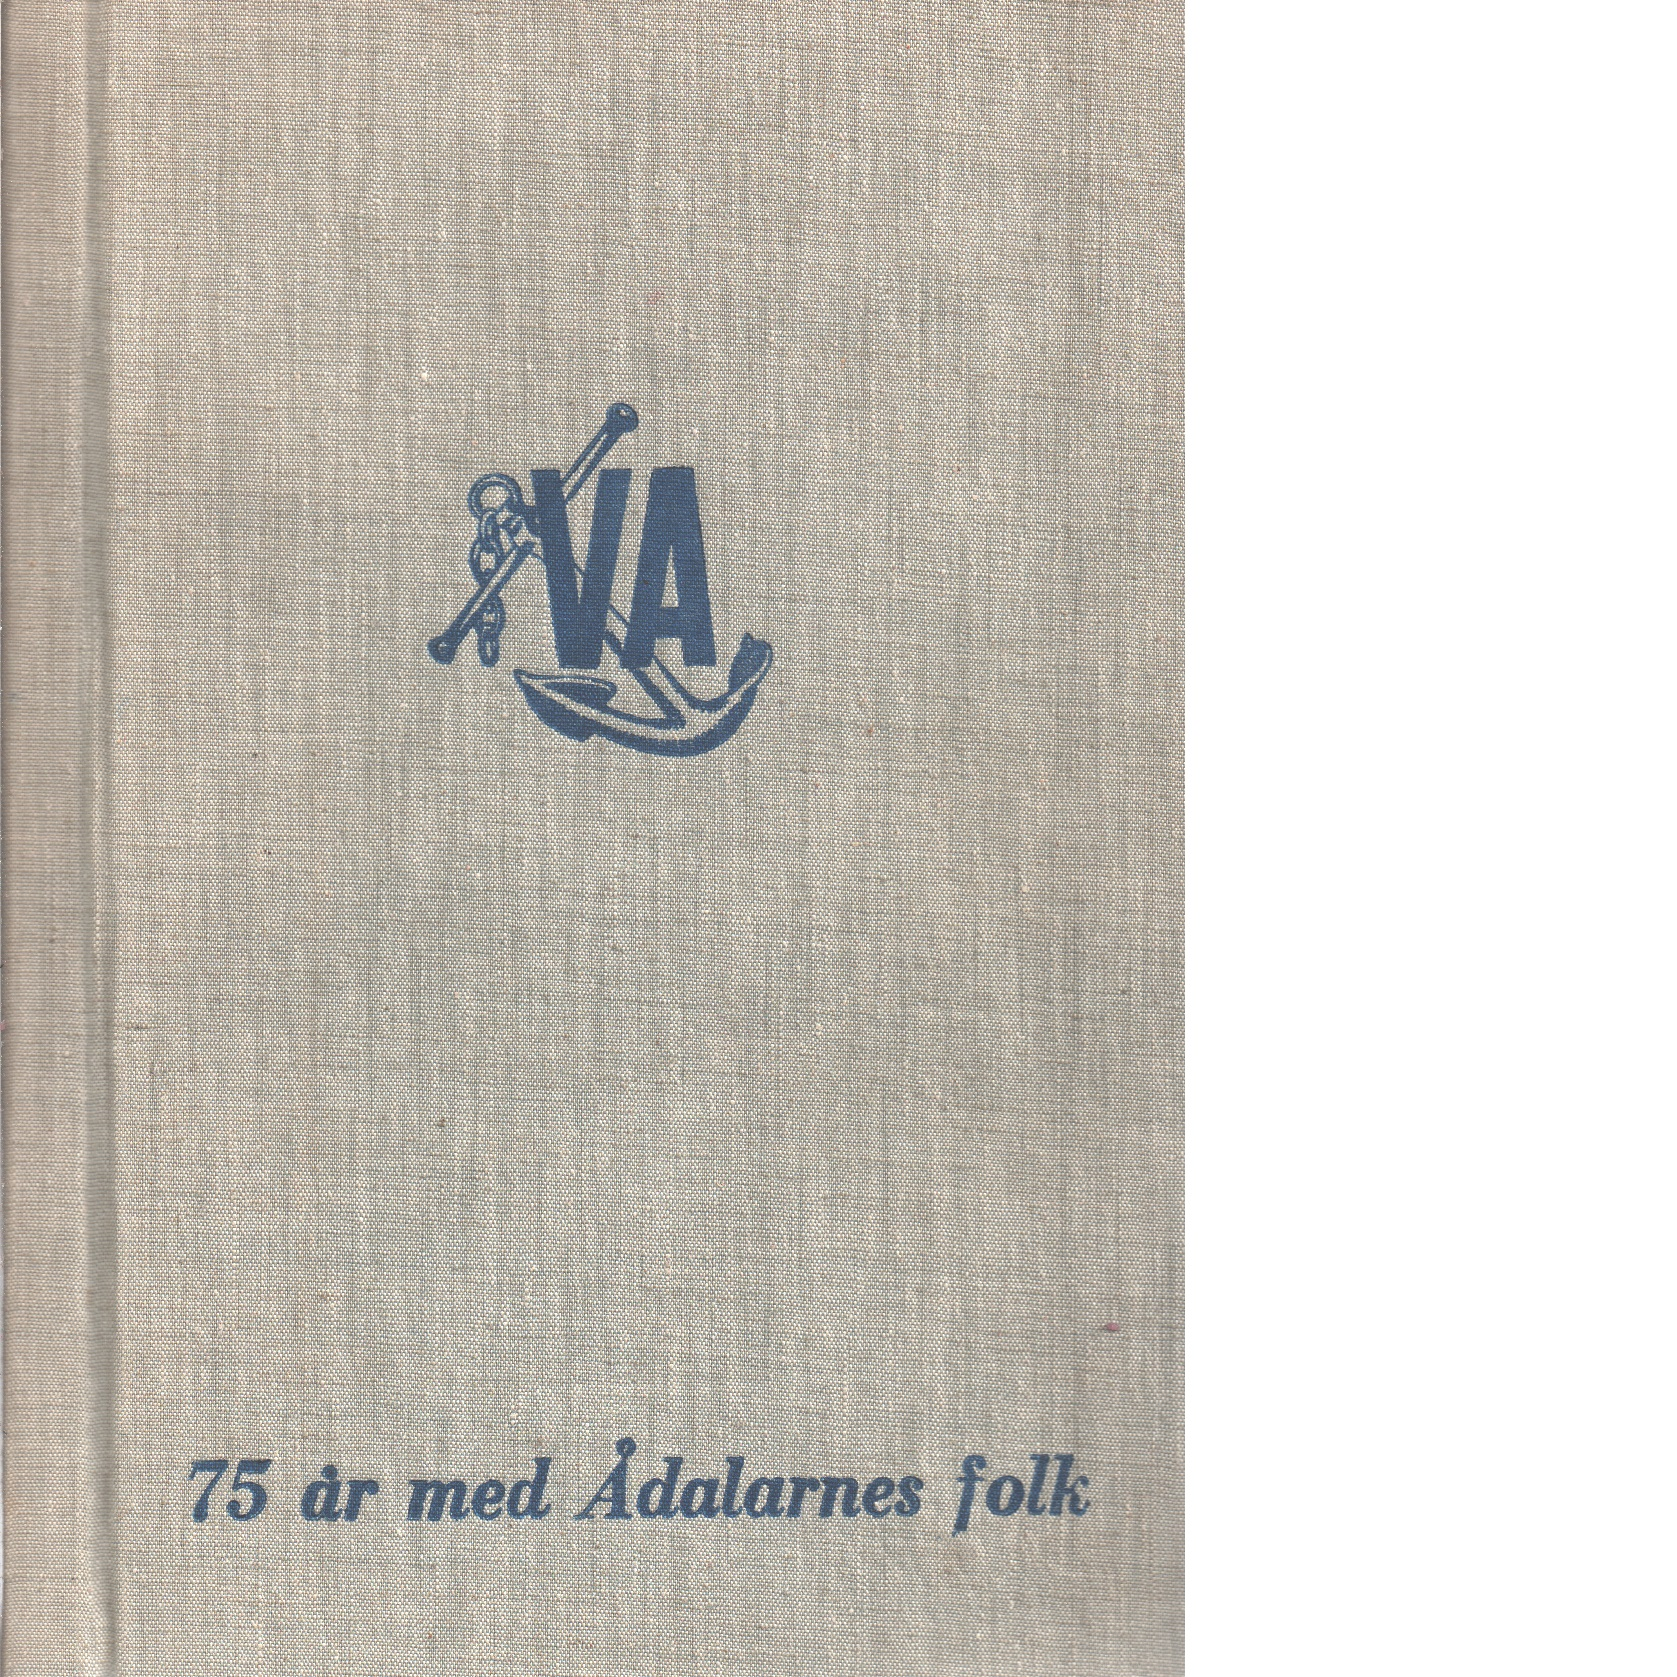 75 år med Ådalarnes folk  Västernorrlands Allehanda. D. 1, 1874-1949 - Red.